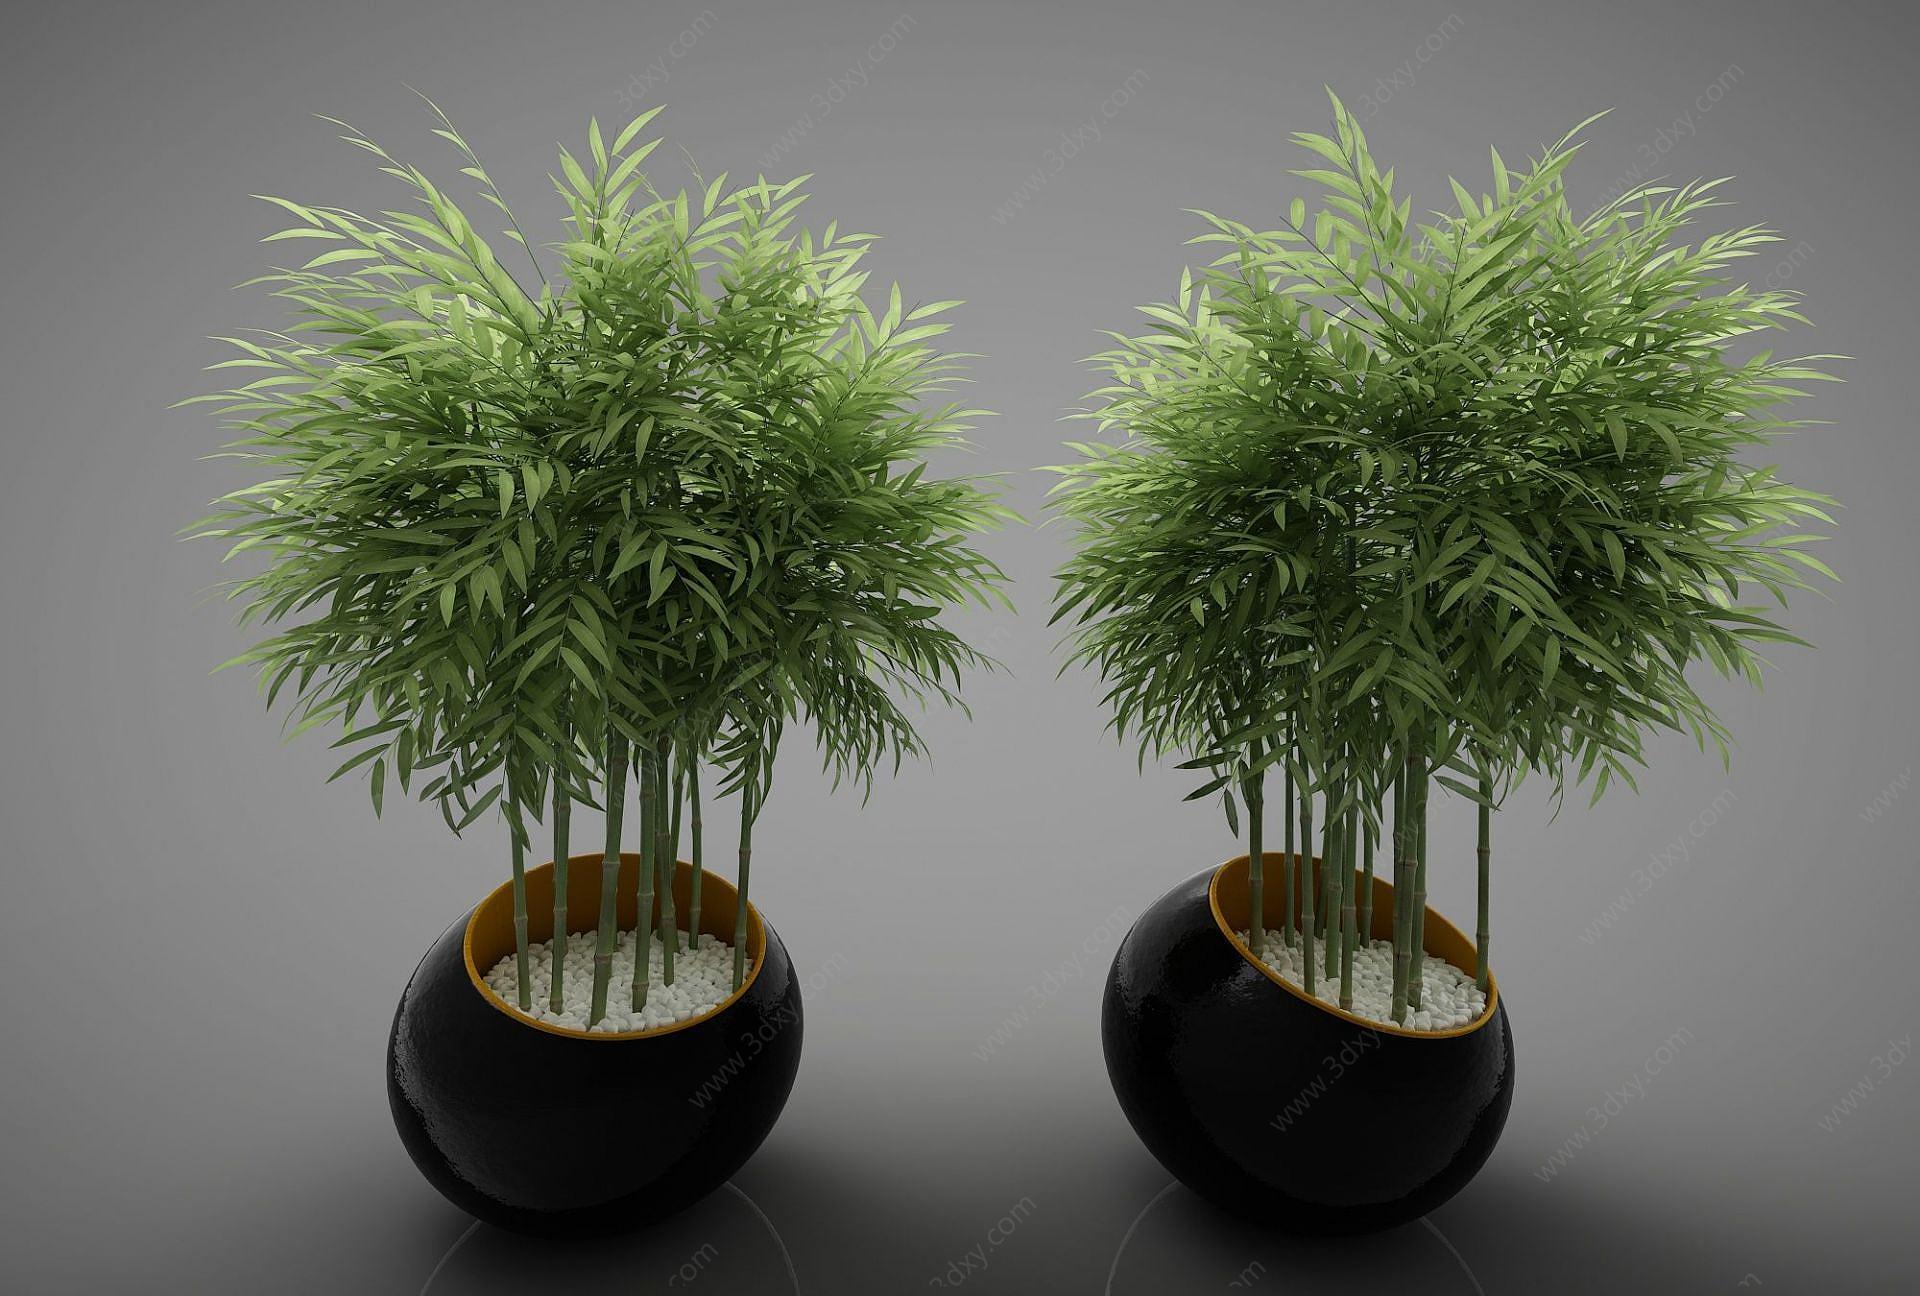 現代風格植物